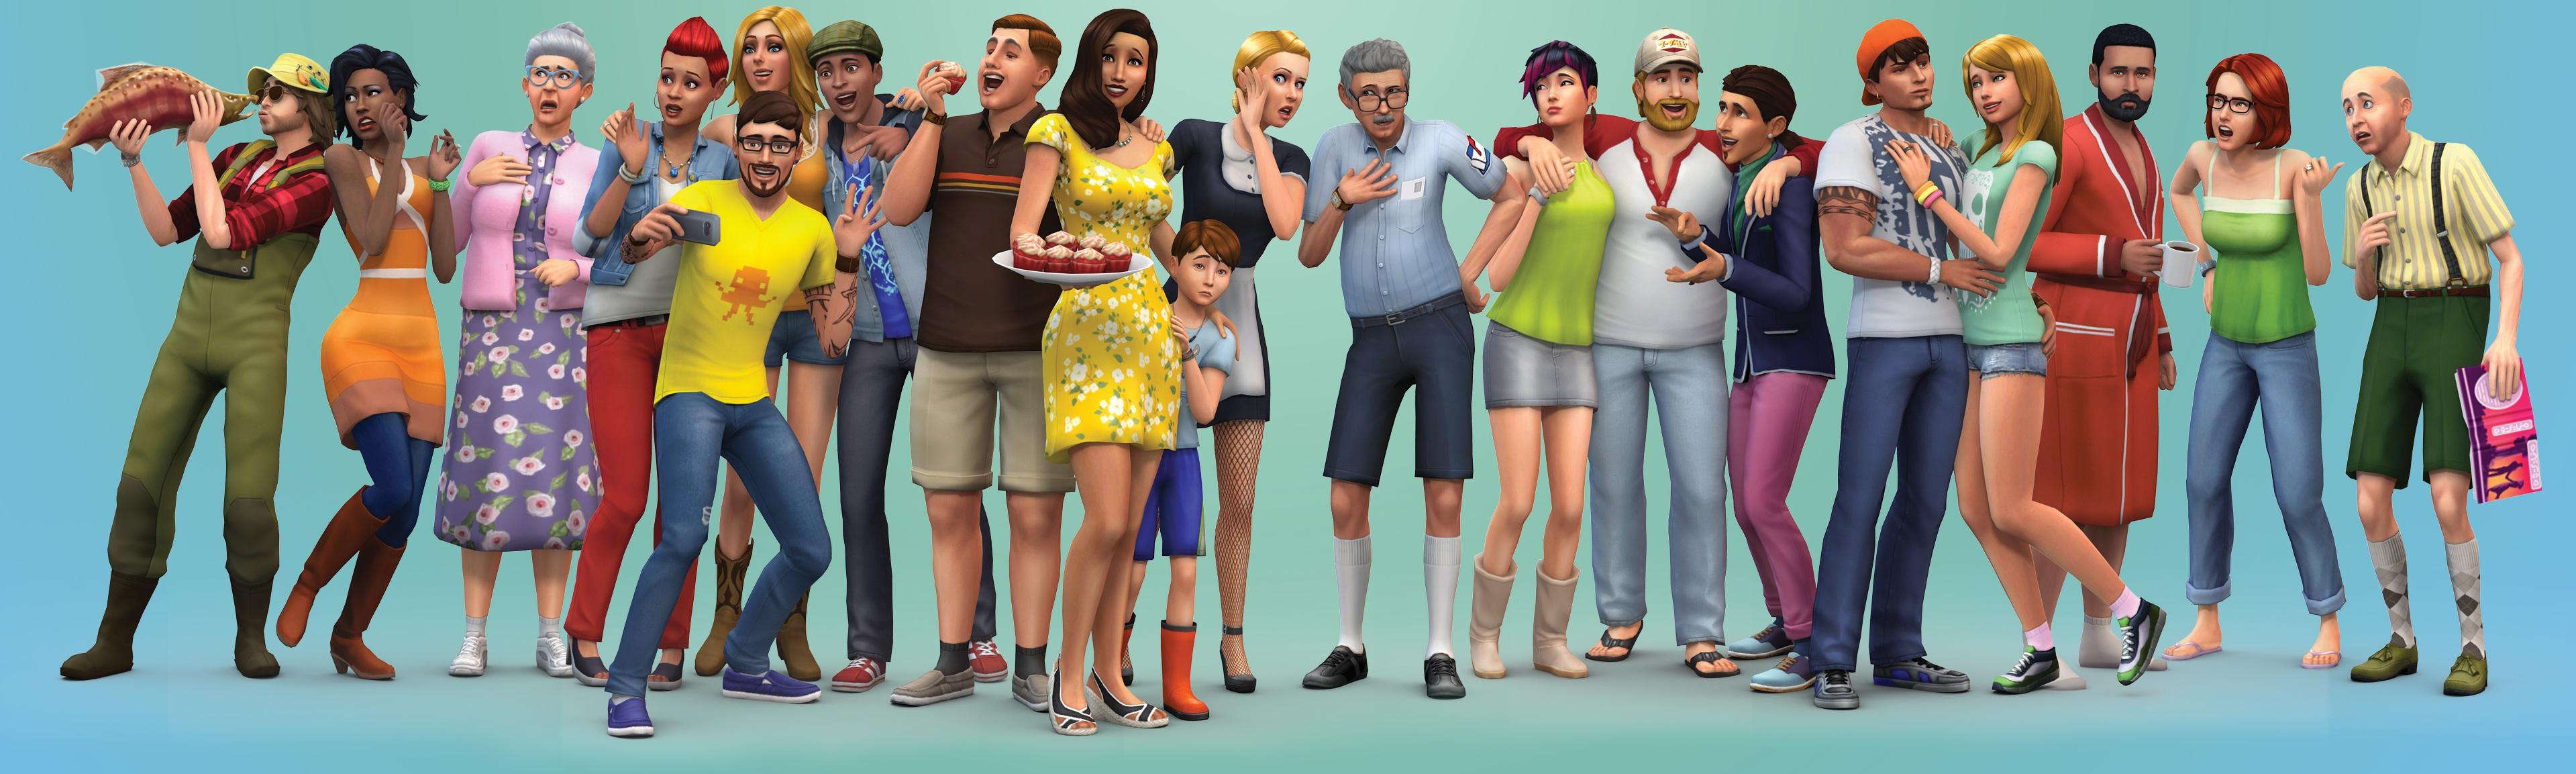 Рецензия на игру «The Sims 4» + Видеообзор для ленивых ...